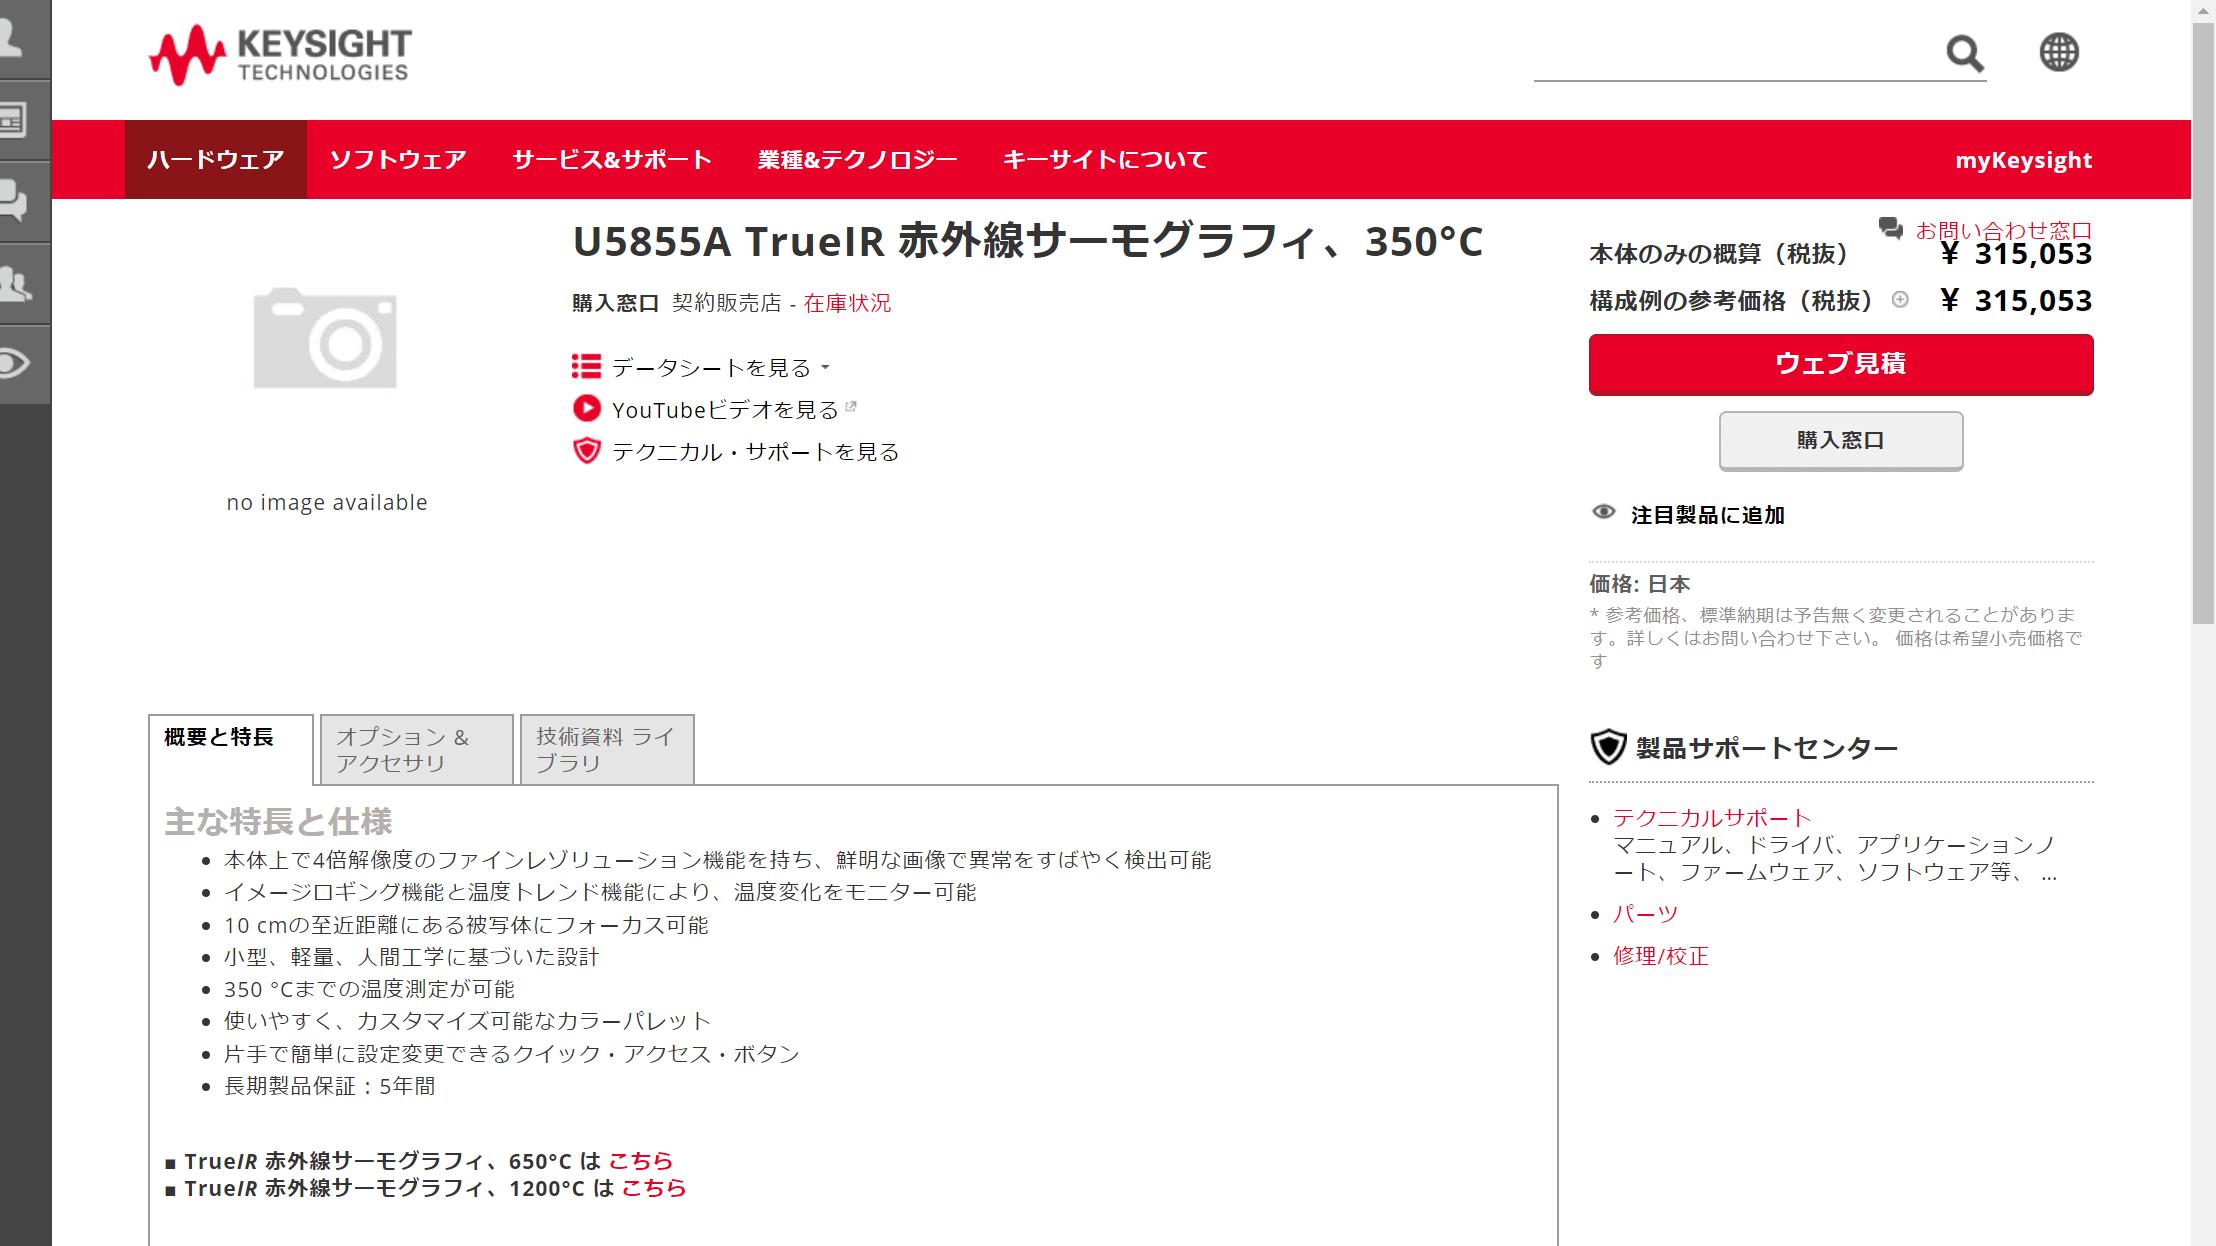 U5855A TrueIR 赤外線サーモグラフィ、350°C